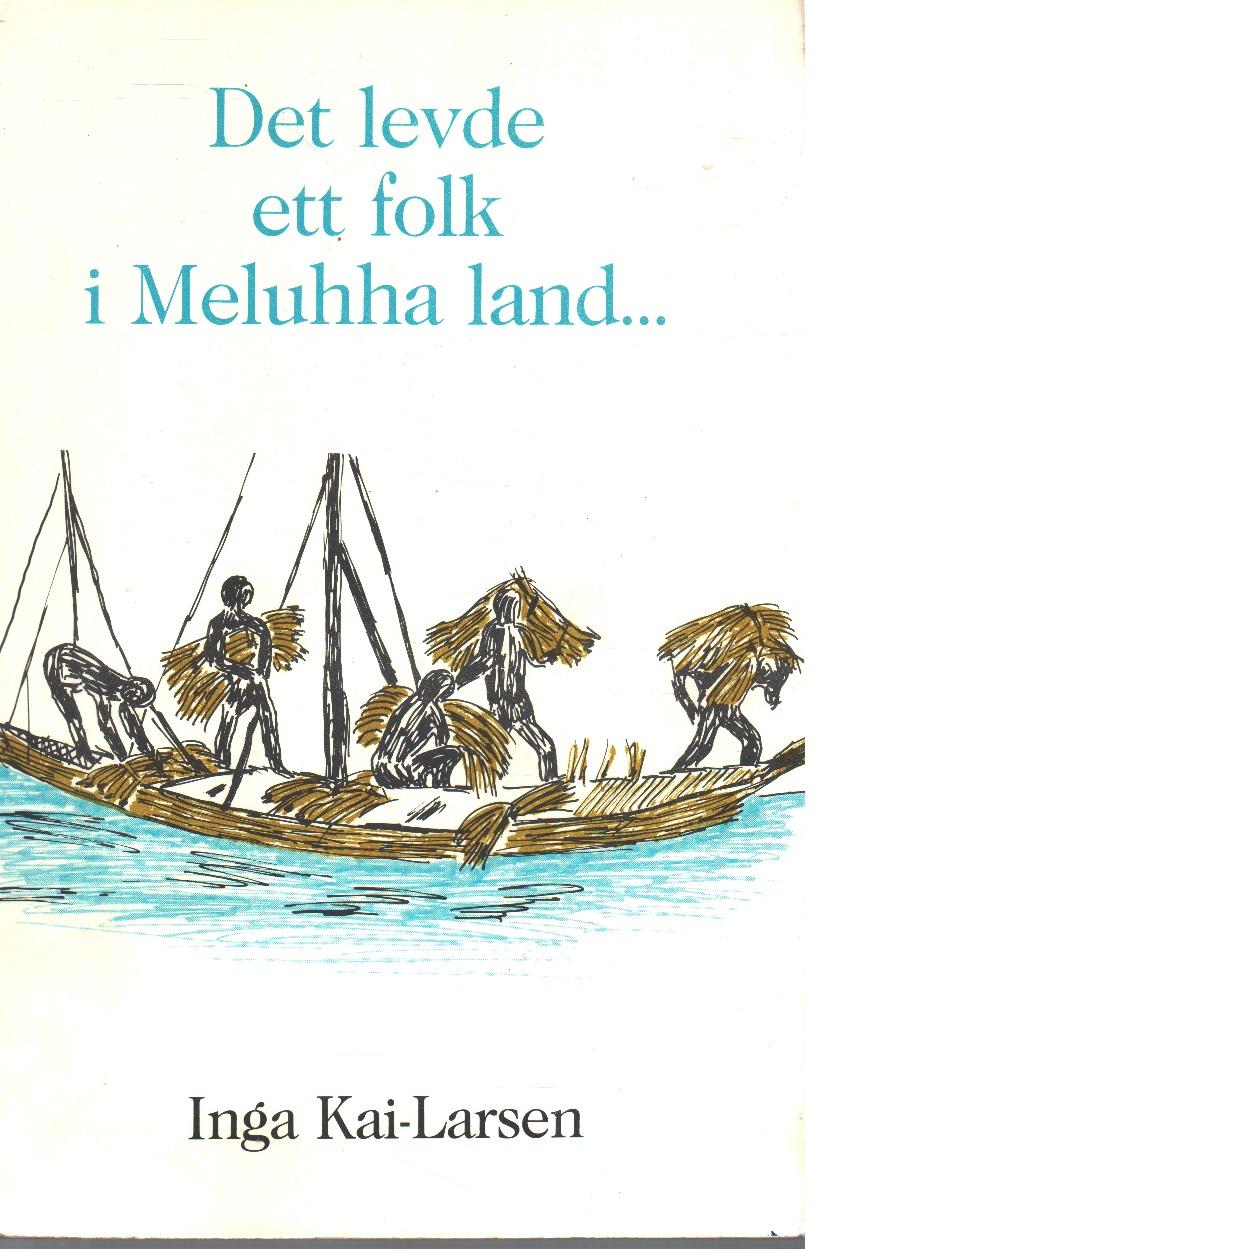 Det levde ett folk i Meluhha land, flodernas folk, Mleccafolket. - Kai-Larsen, Inga